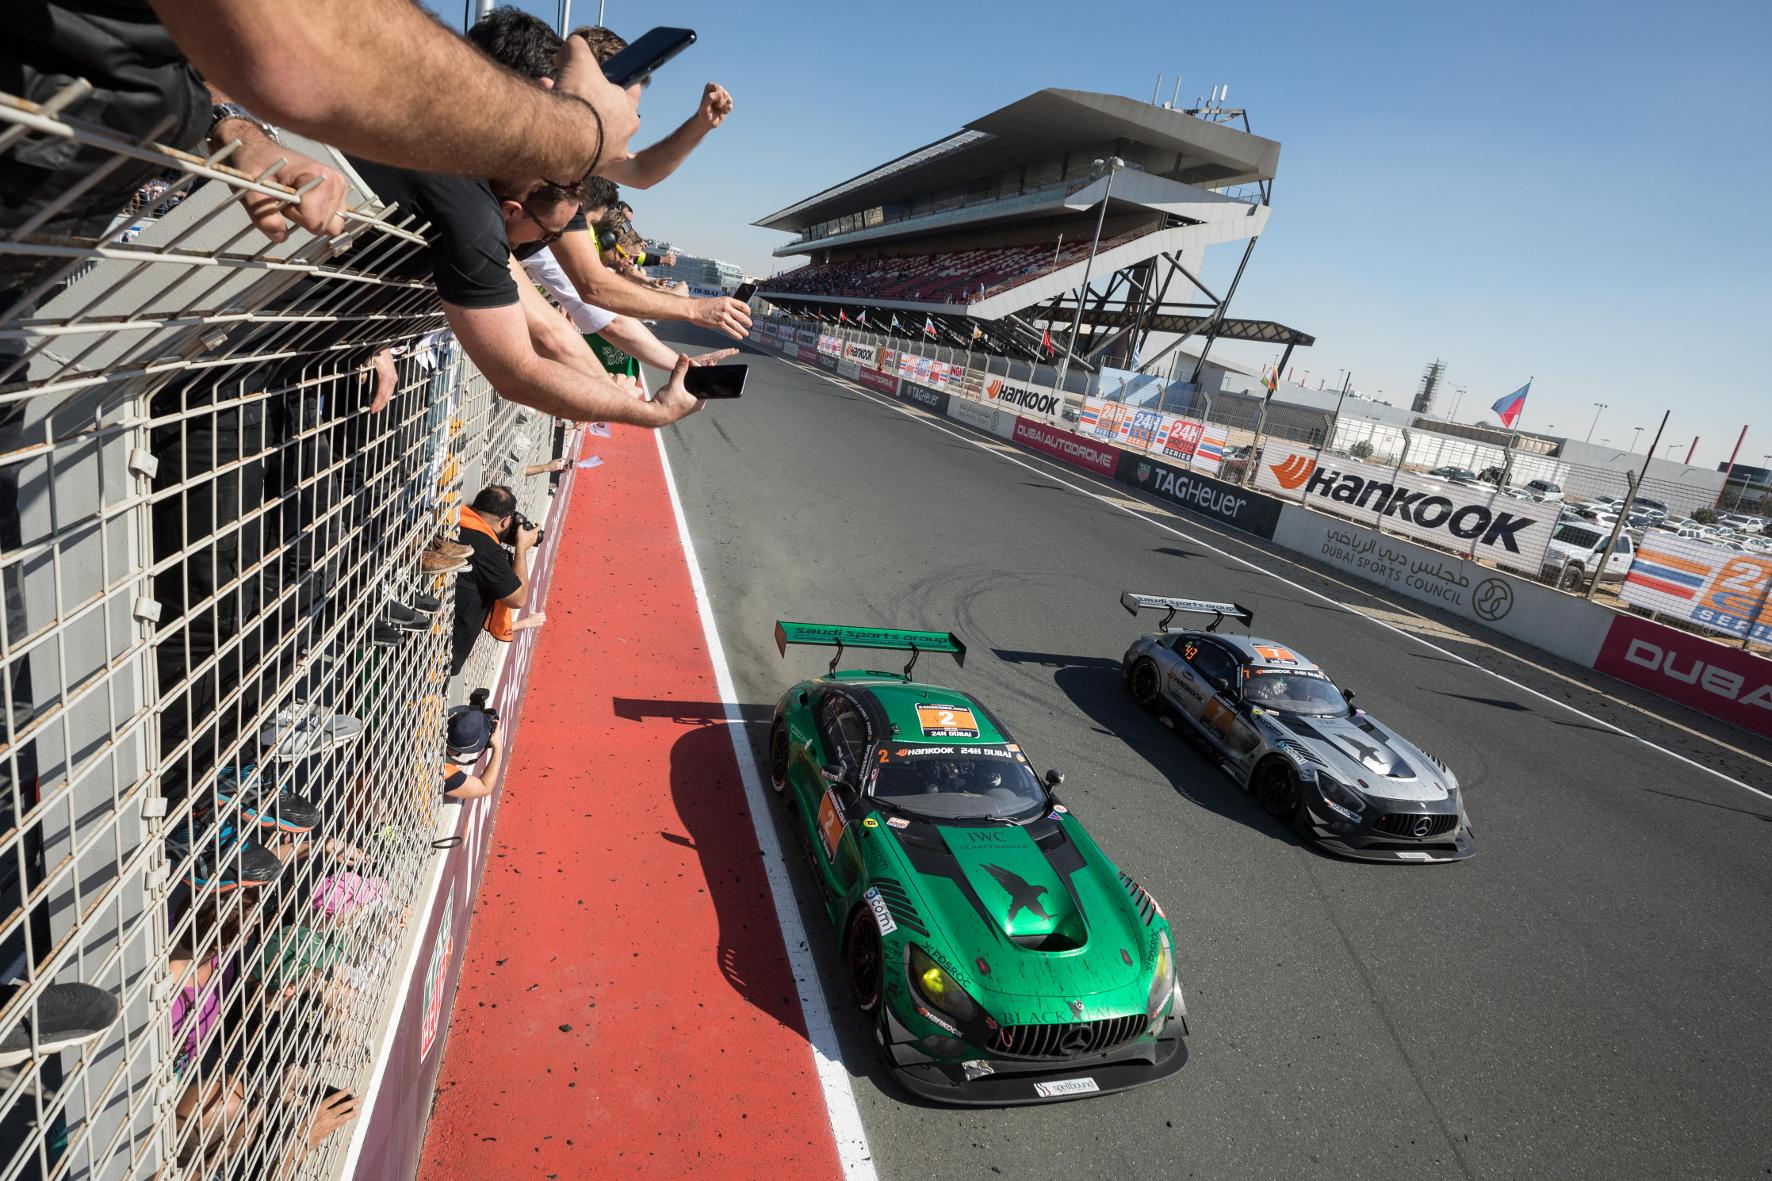 Motorsport-Saison 2018: Beim 24-Stunden-Rennen in Dubai strahlt der Stern in der Wüste